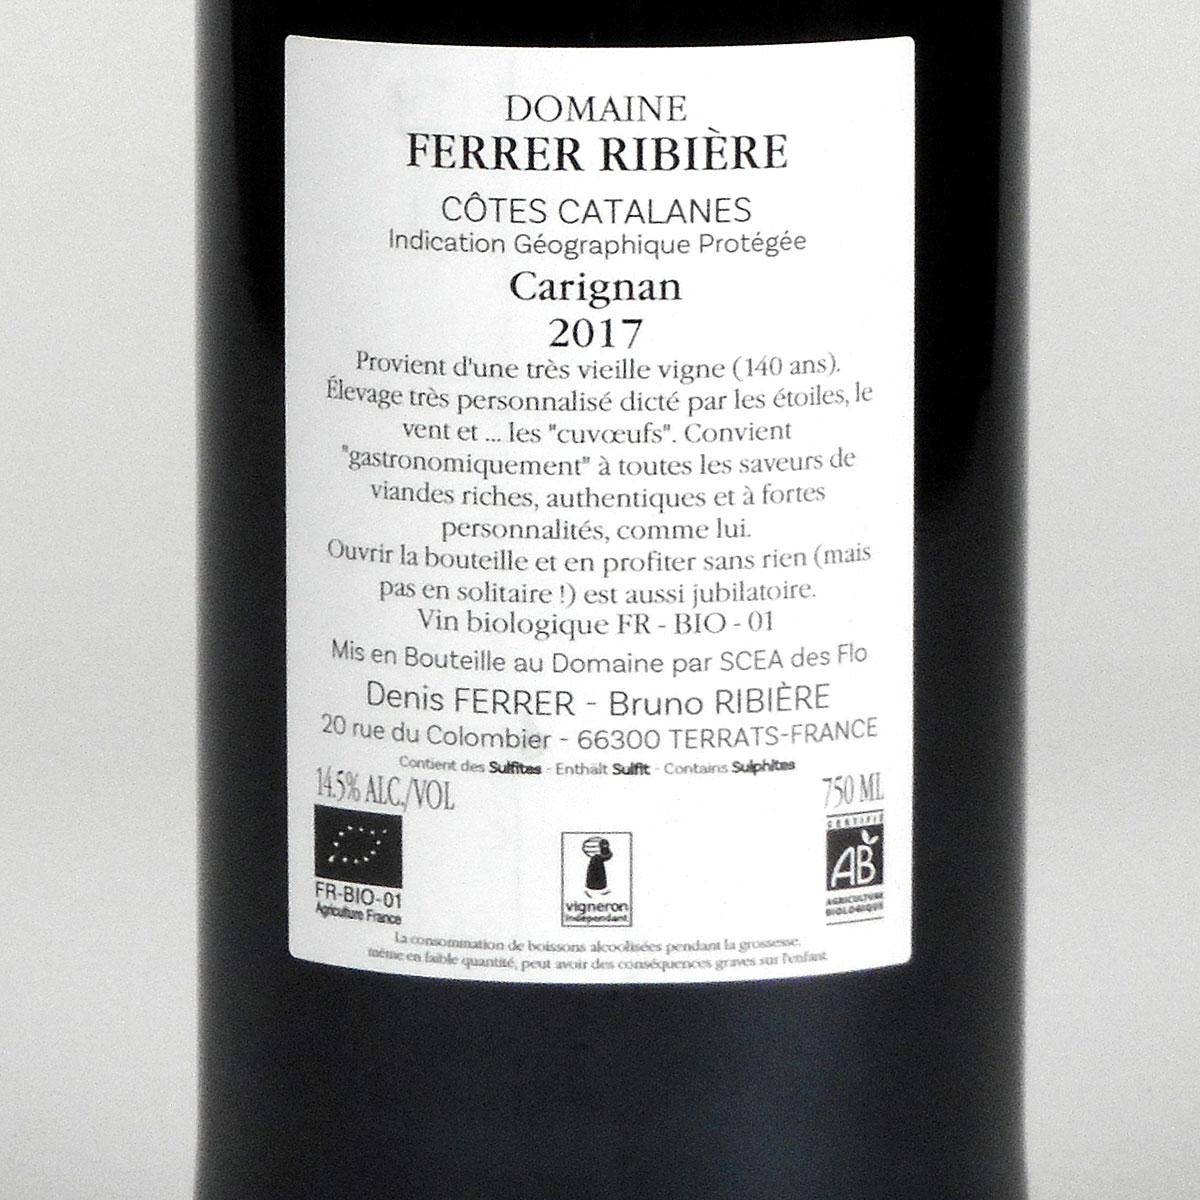 IGP Côtes Catalanes: Domaine Ferrer-Ribière 'Empreinte du Temps' Carignan 2017 - WIne Bottle Rear Label